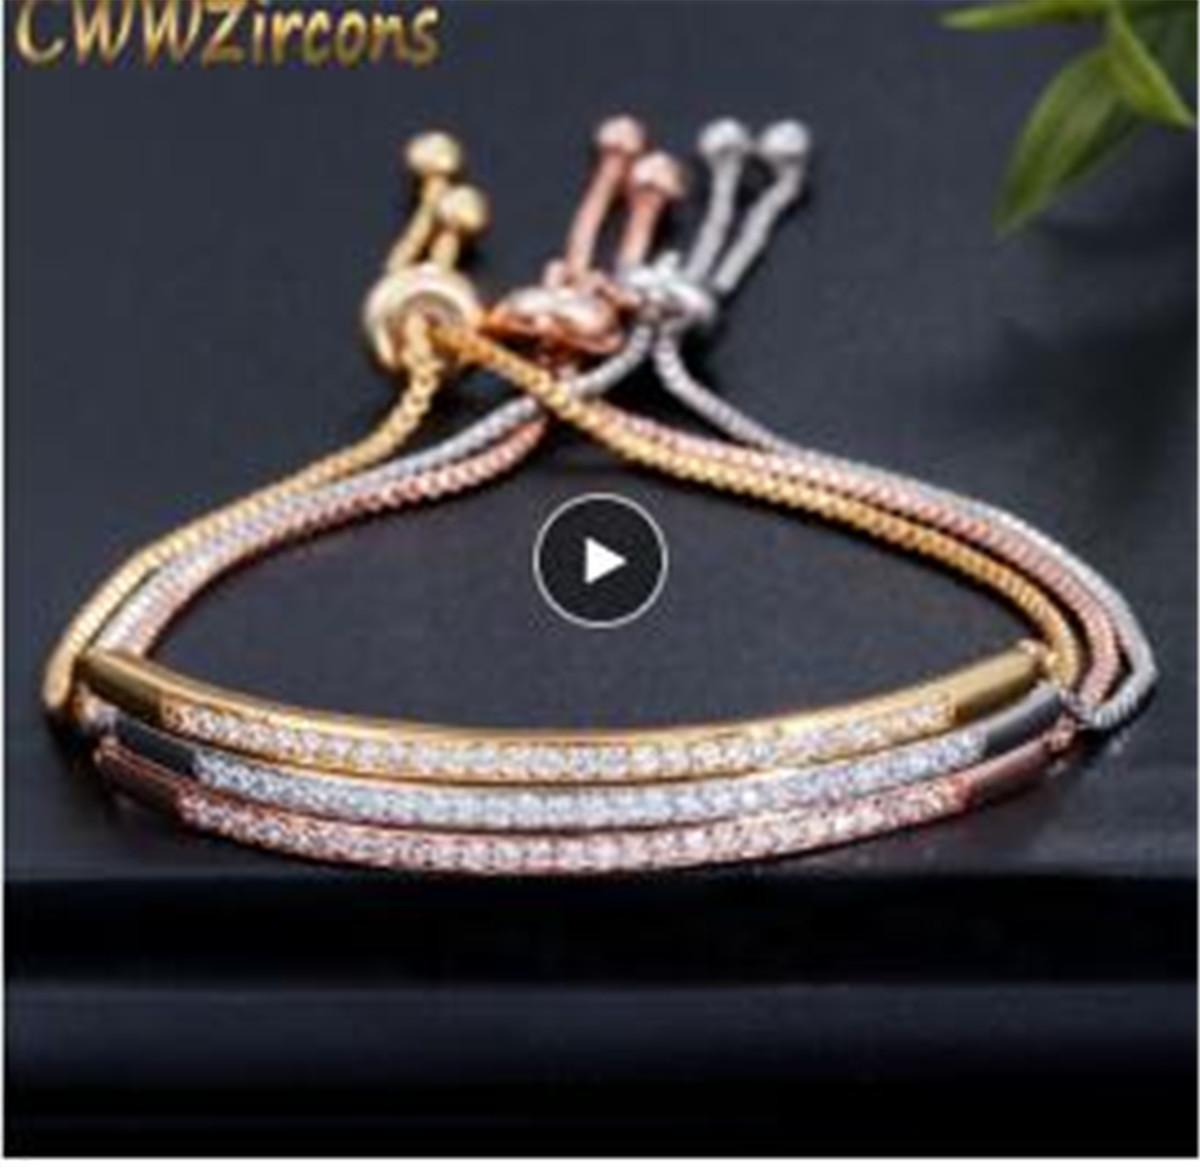 Bracelet réglable pour femmes Bar Curseur brillant Captivate CZ couleur or rose Bijoux Pulseira Feminia CB089